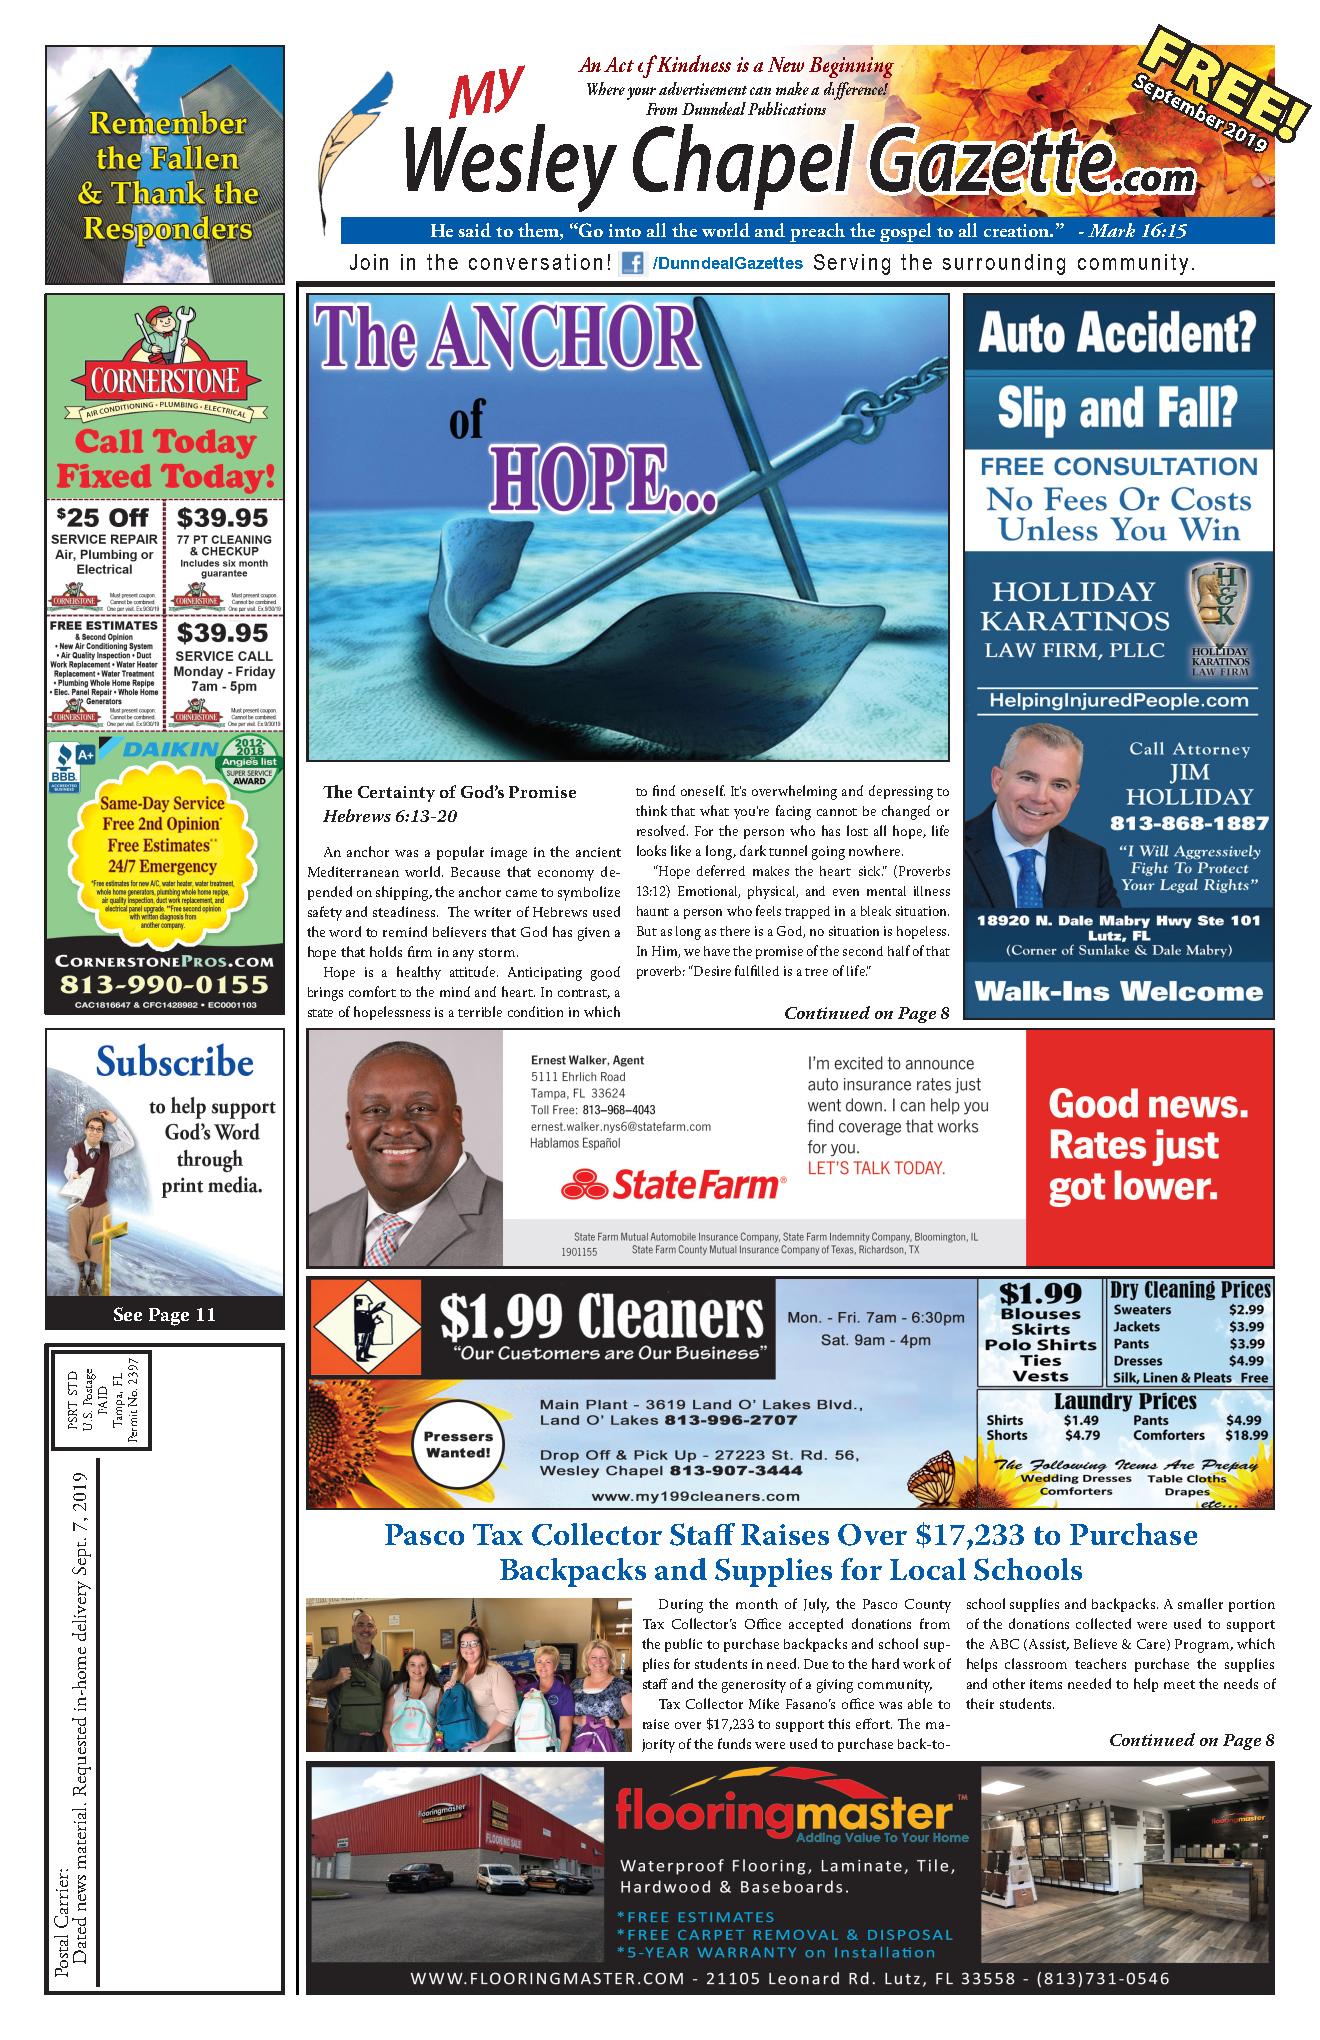 Wesley-Chapel-Gazette-September-2019_Page1.jpg